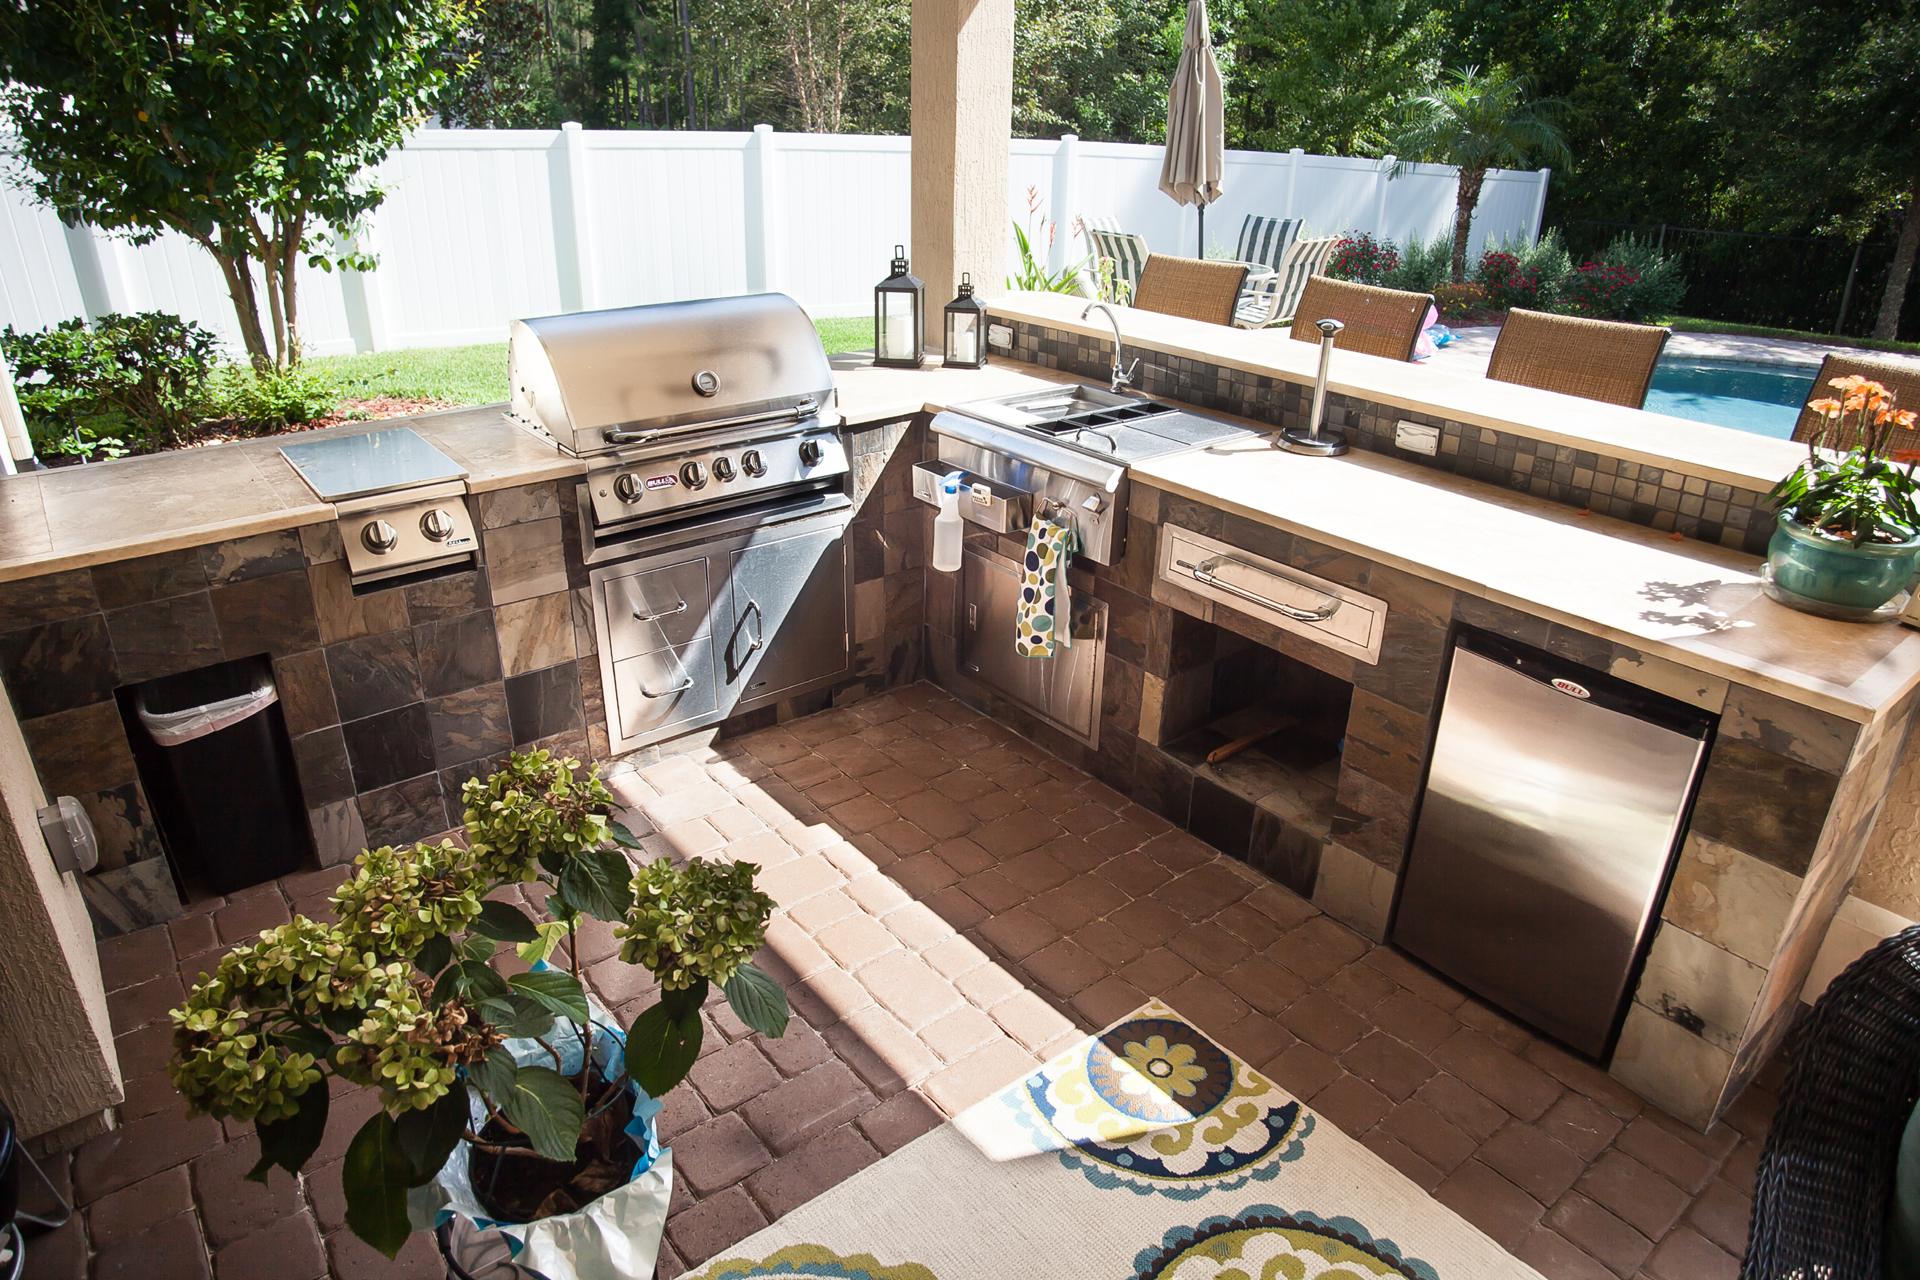 Outdoor Kitchen Installation by Florida Coastal Contractors